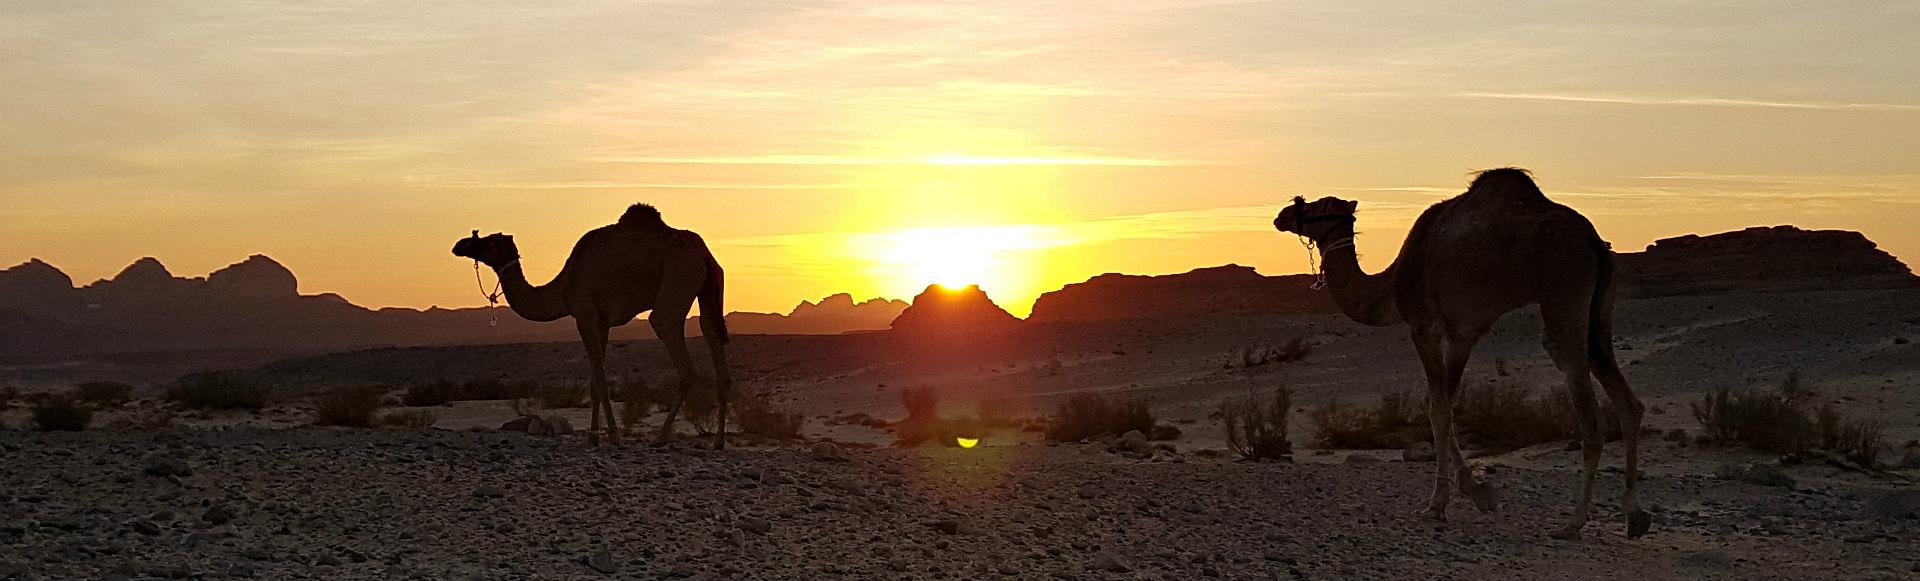 stichtingdalel voor kamelenwelzijn in zuid sinai